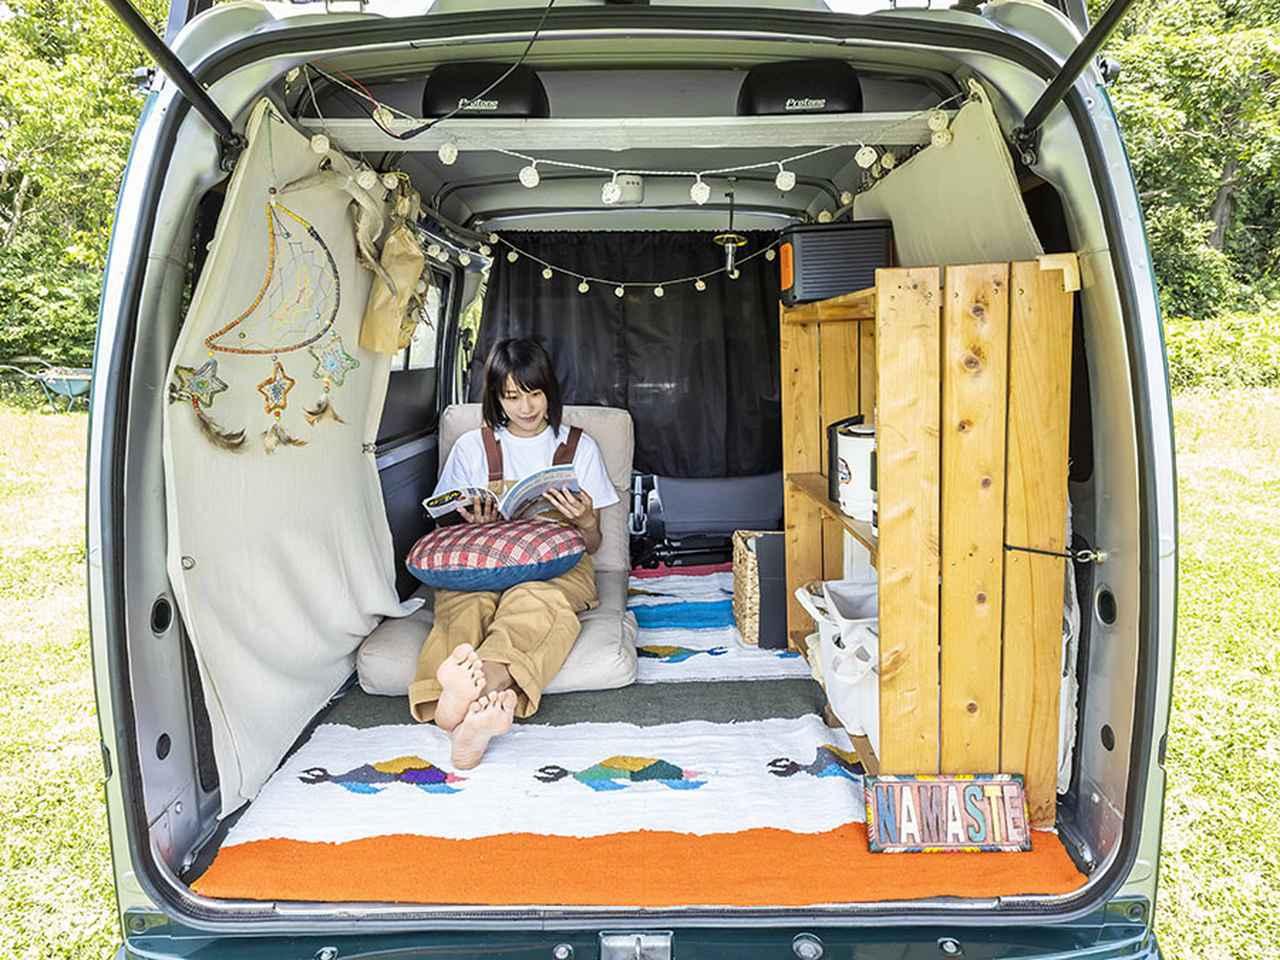 """画像: 車内はもはや、オシャレ女子の""""部屋""""そのもの! 大好きなアイテムに囲まれて、くつろぎ空間を最大限満喫するちょもかさん。"""